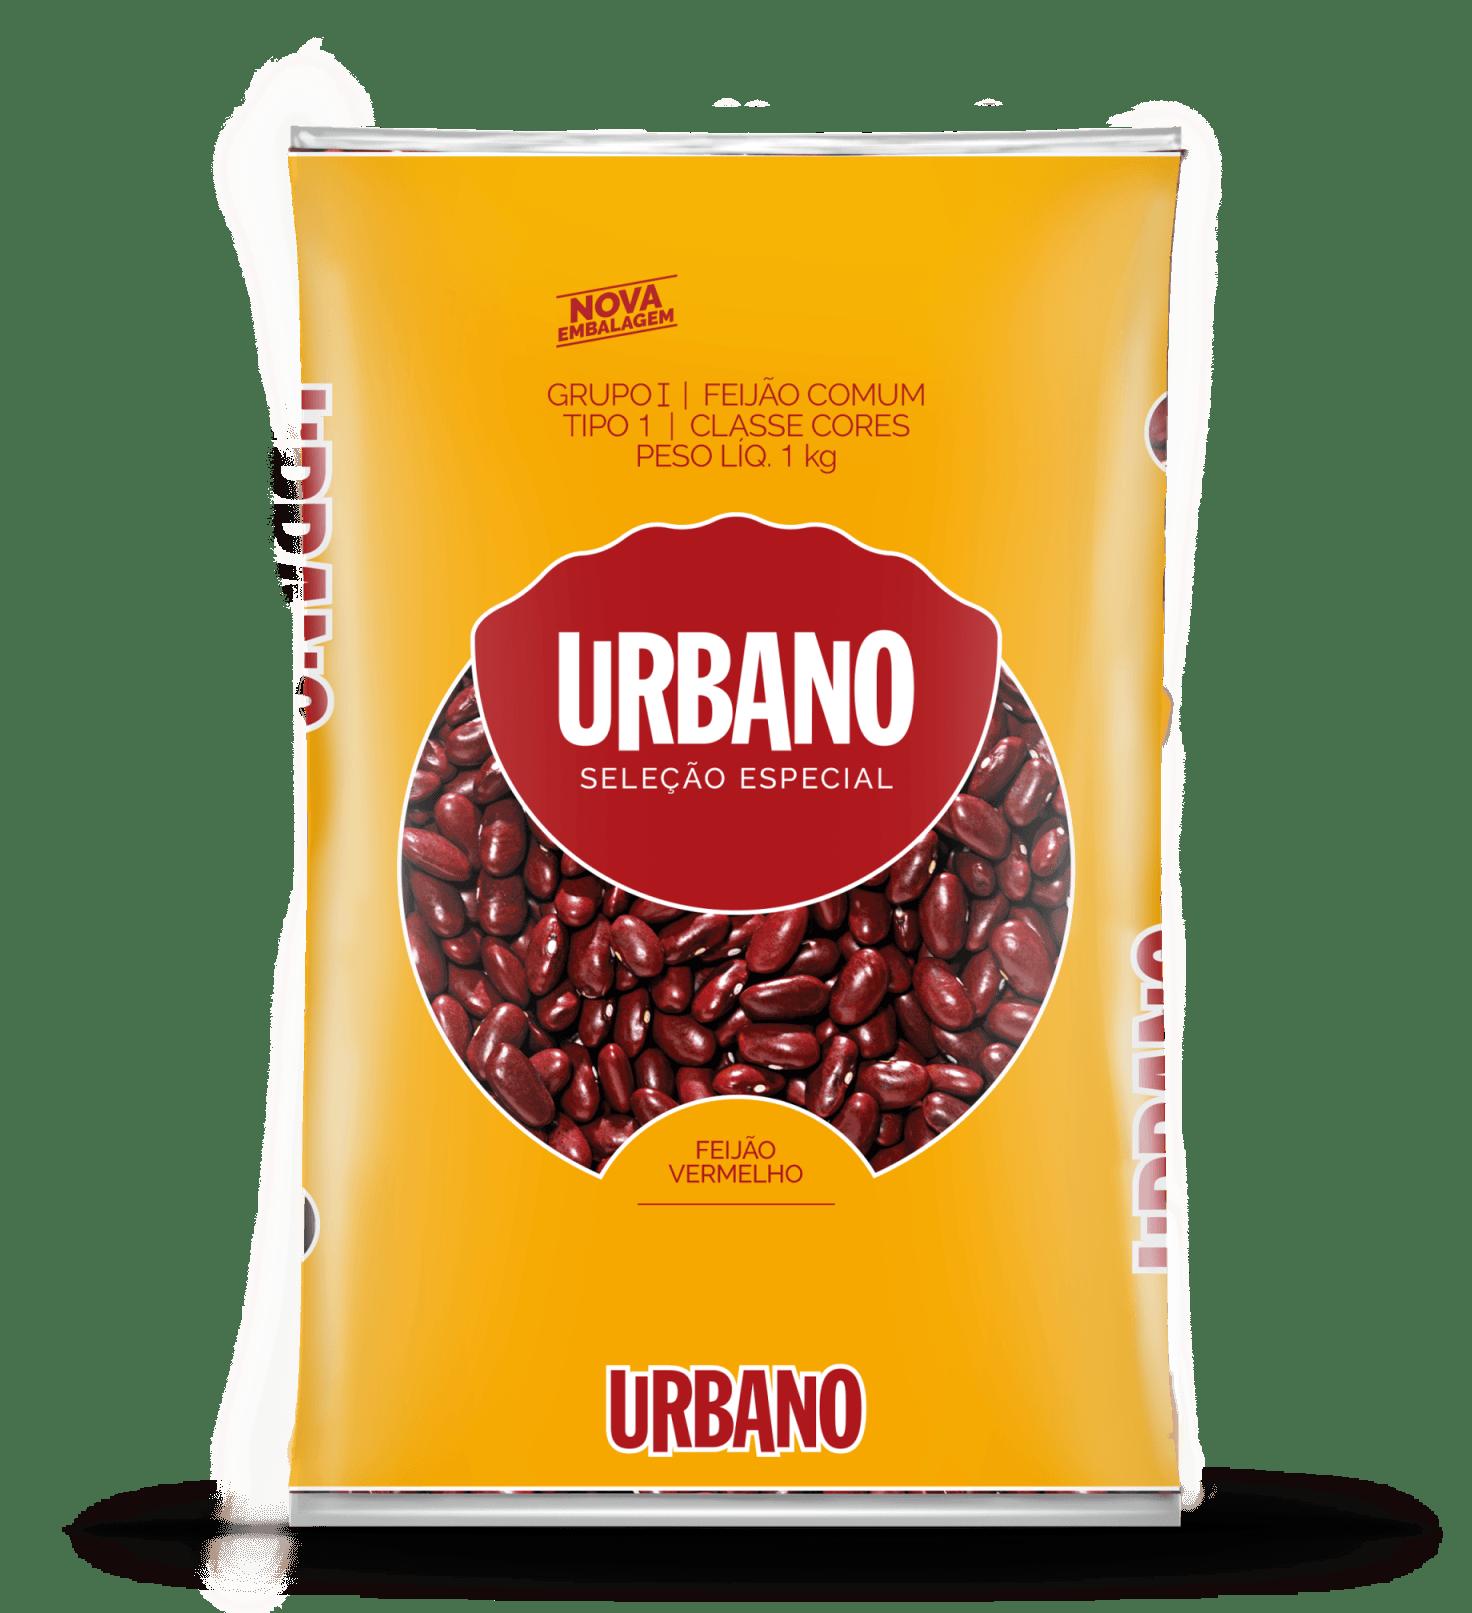 Feijão vermelho Urbano 1Kg